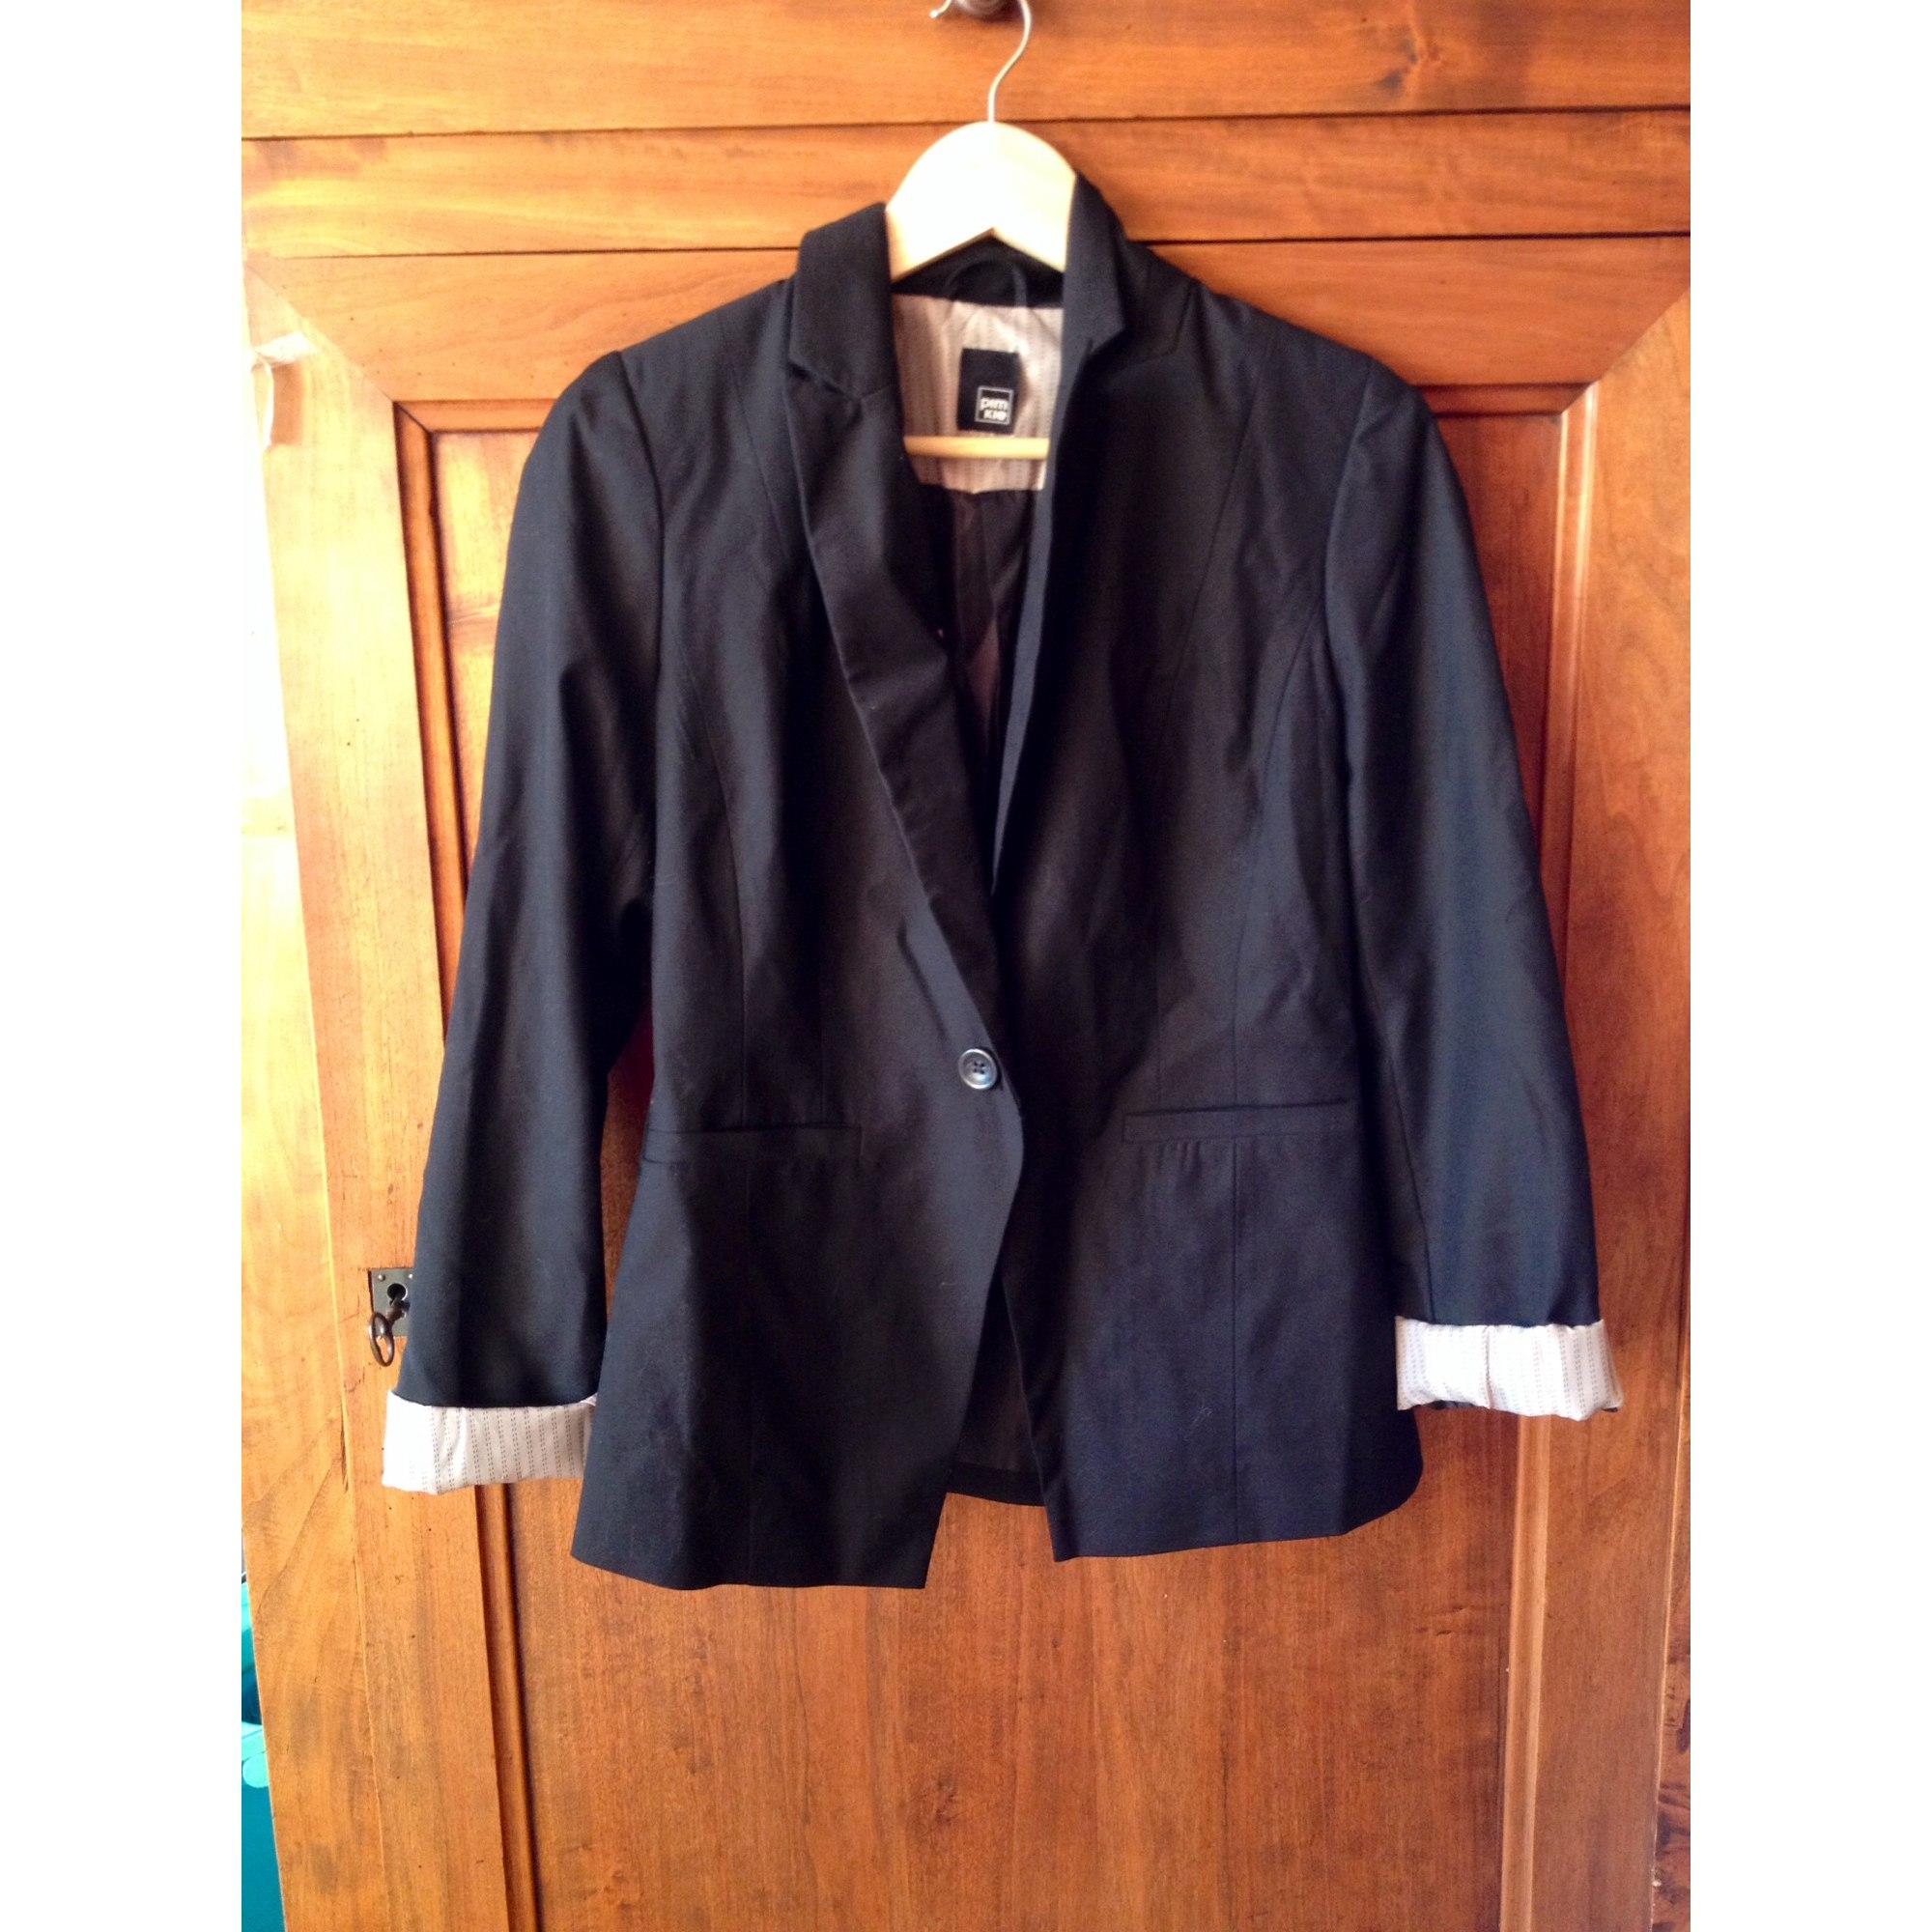 Veste Par Blazer Noir l 40 Tailleur Pimkie T3 Vendu SxqO4fgx 3ae8946de1f